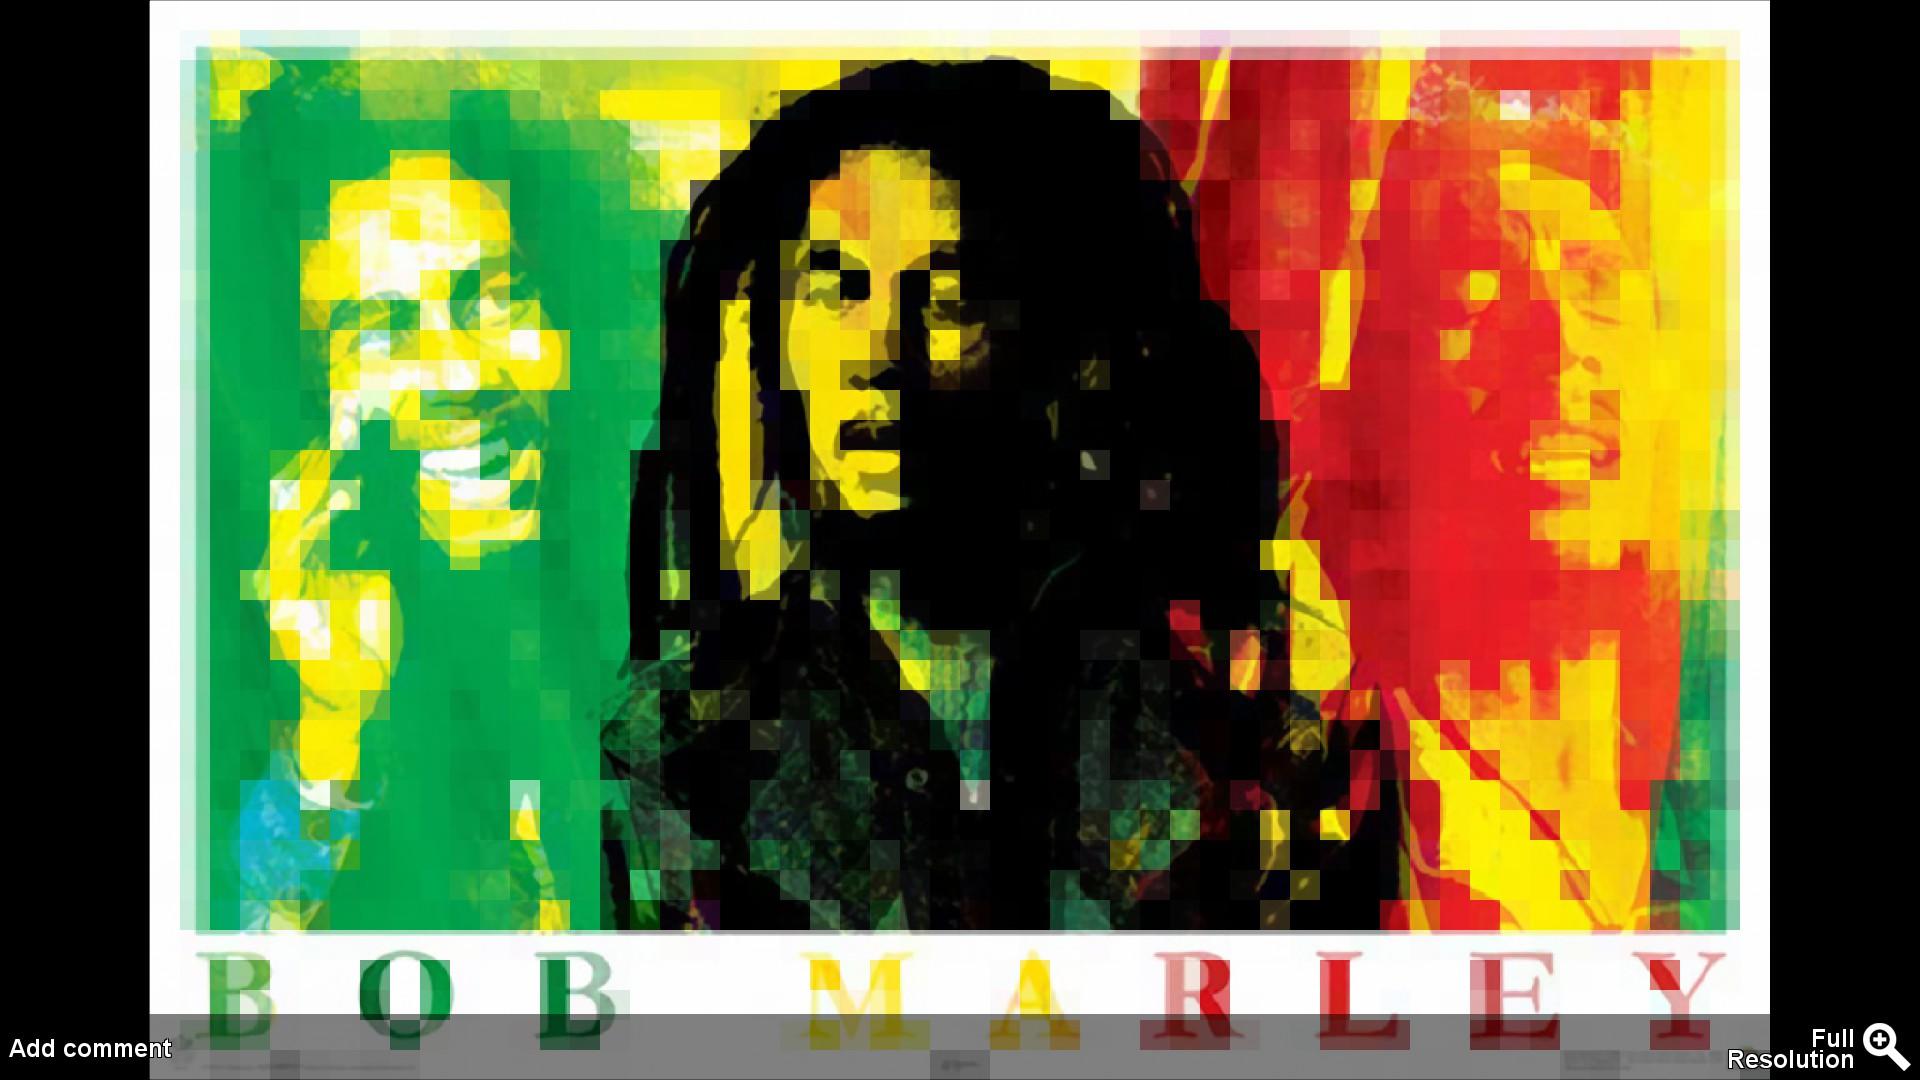 Bob Marley Wall Painting Time HD Wallpaper